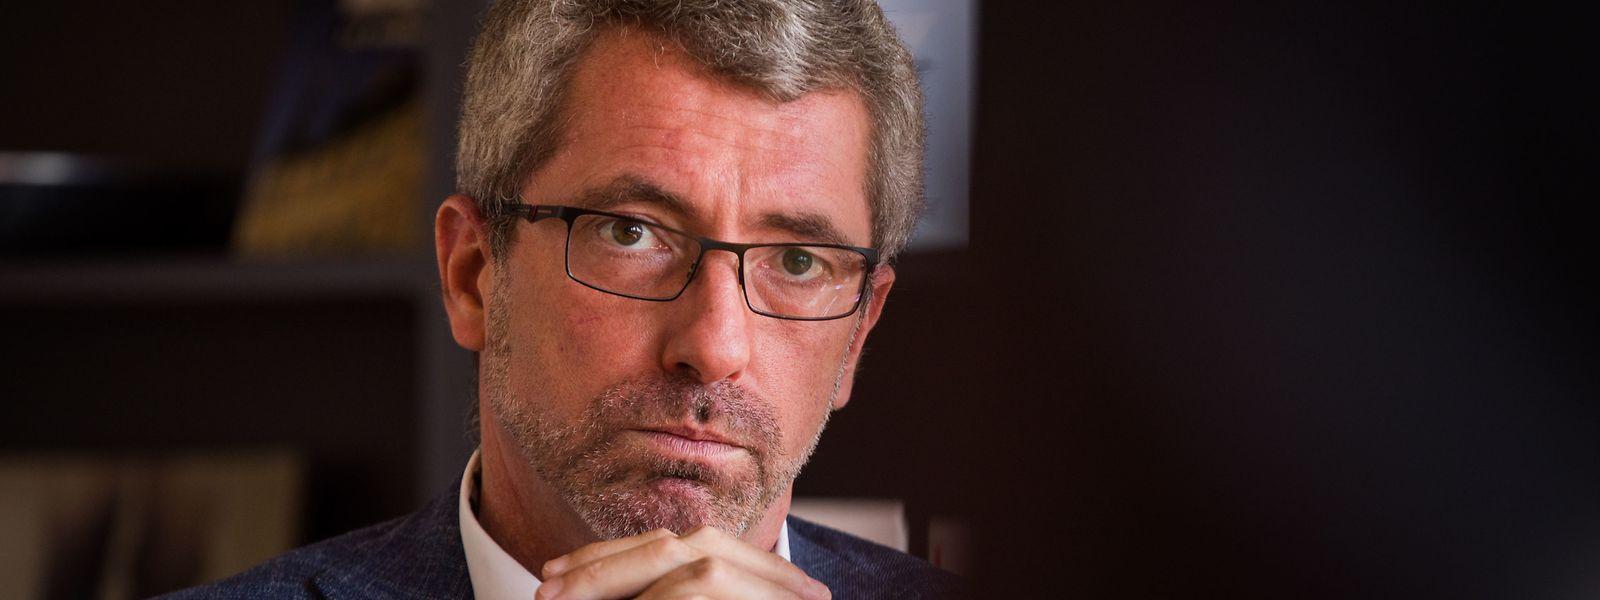 Le mandat de Frank Engel à la tête du CSV court jusqu'au printemps 2021.